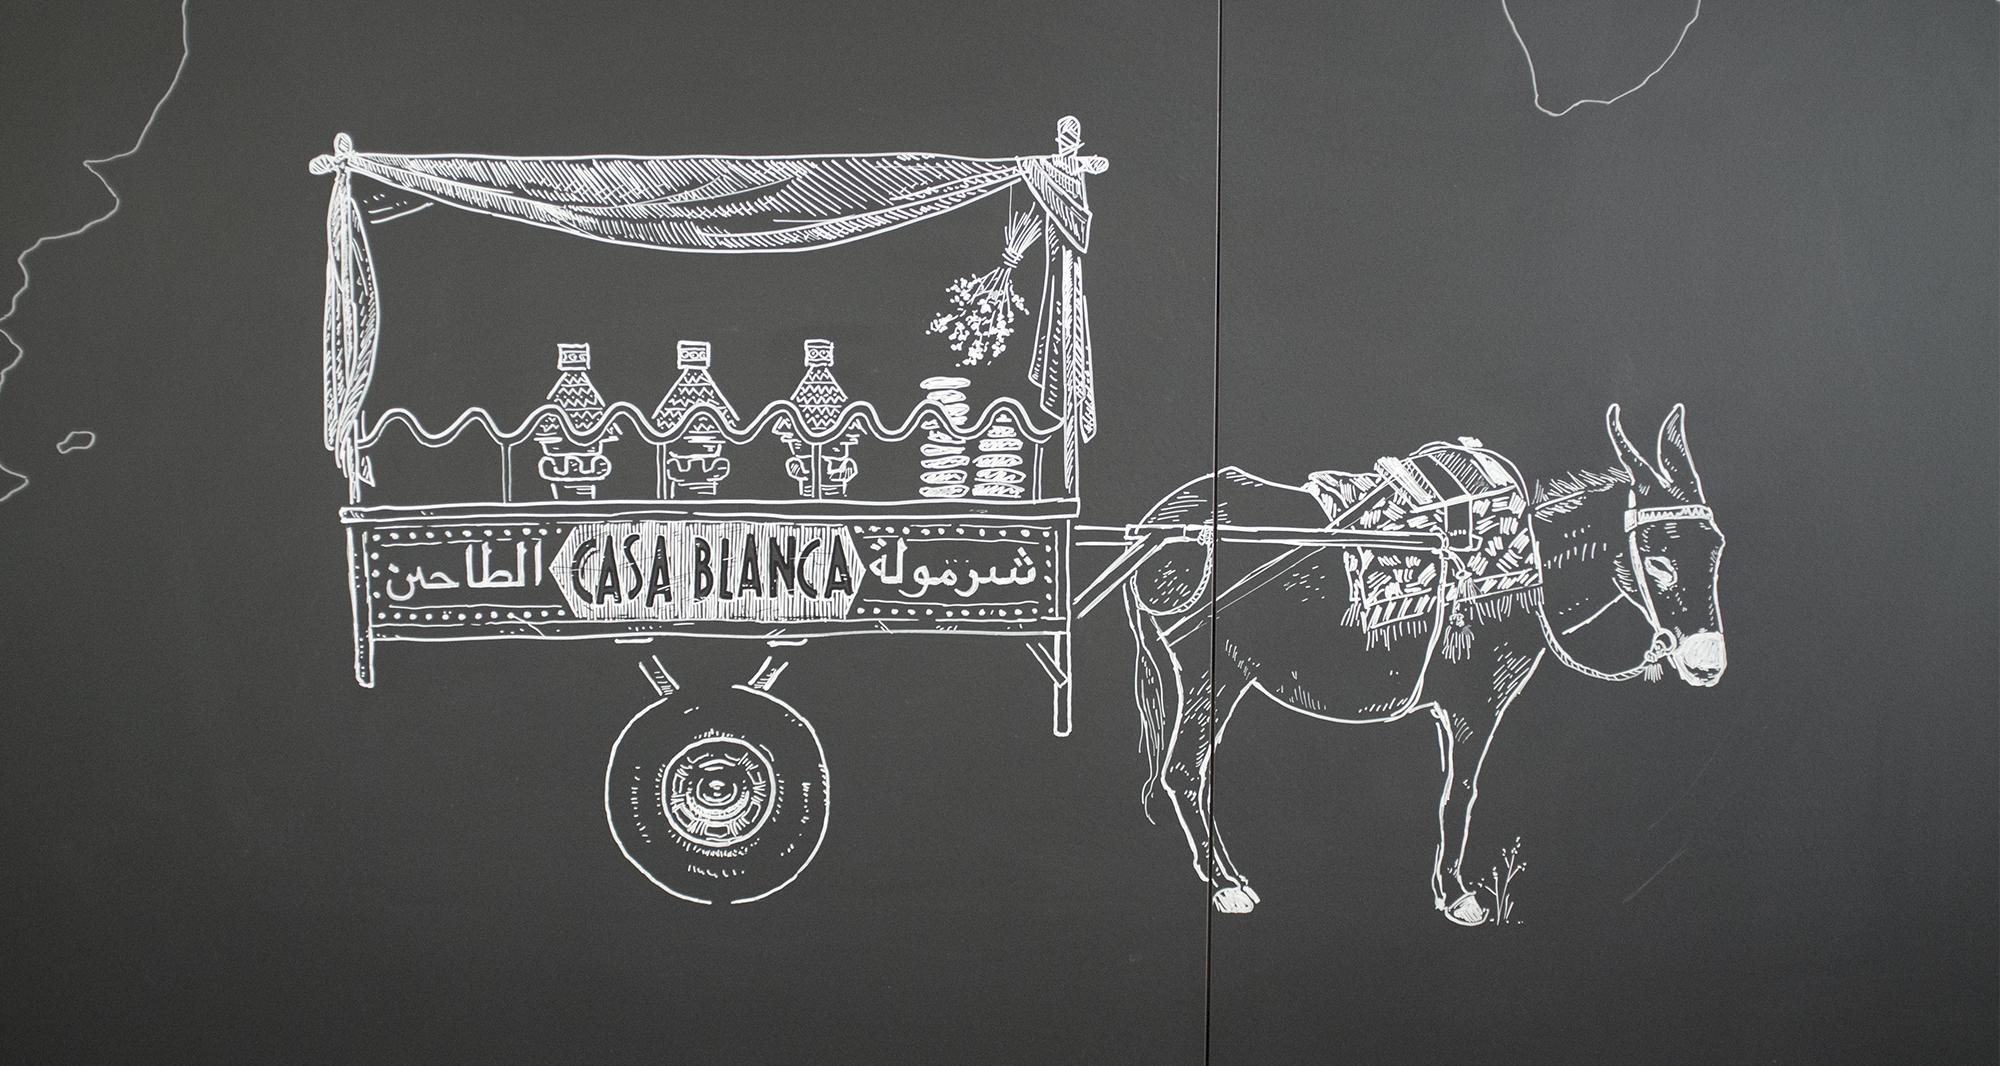 eat.ch, Tagine Donkey, Wandgestaltung Schriftenmalerei, Wandbeschriftung, hand gemalt, Tafelbeschriftung, Tafelmaler